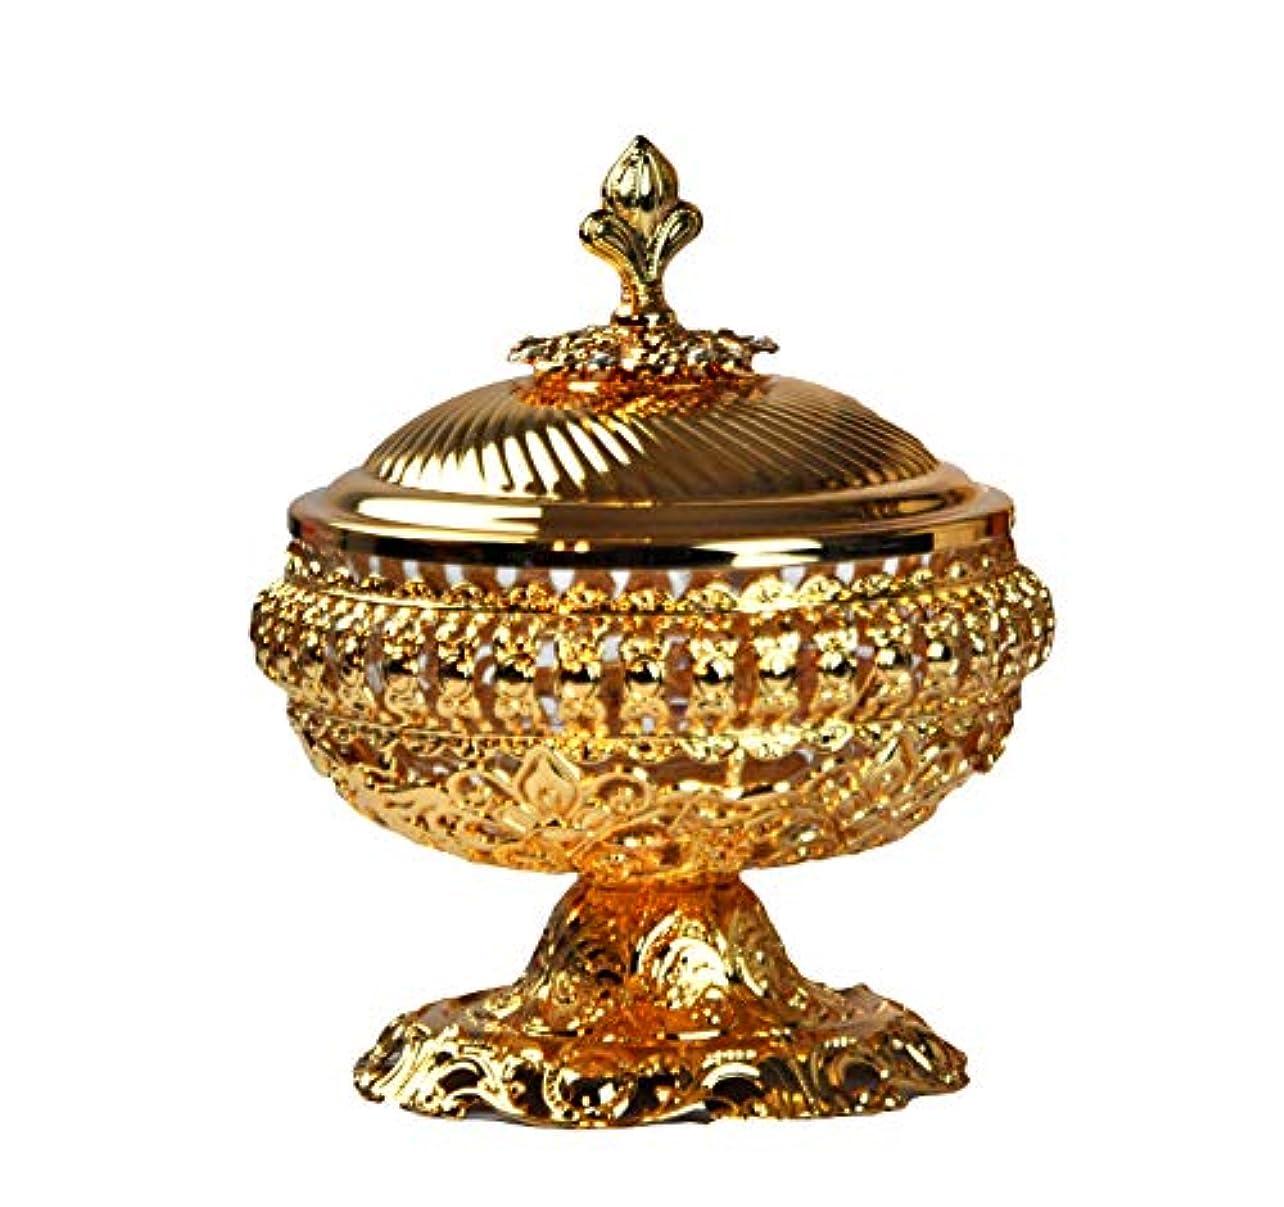 浜辺アヒル送料Decorative Bowl to keep hold整理Arabia Bakhoor、チャコール、Oudチップ、Oud Wood、Oudhタブレット、 9inc. シルバー